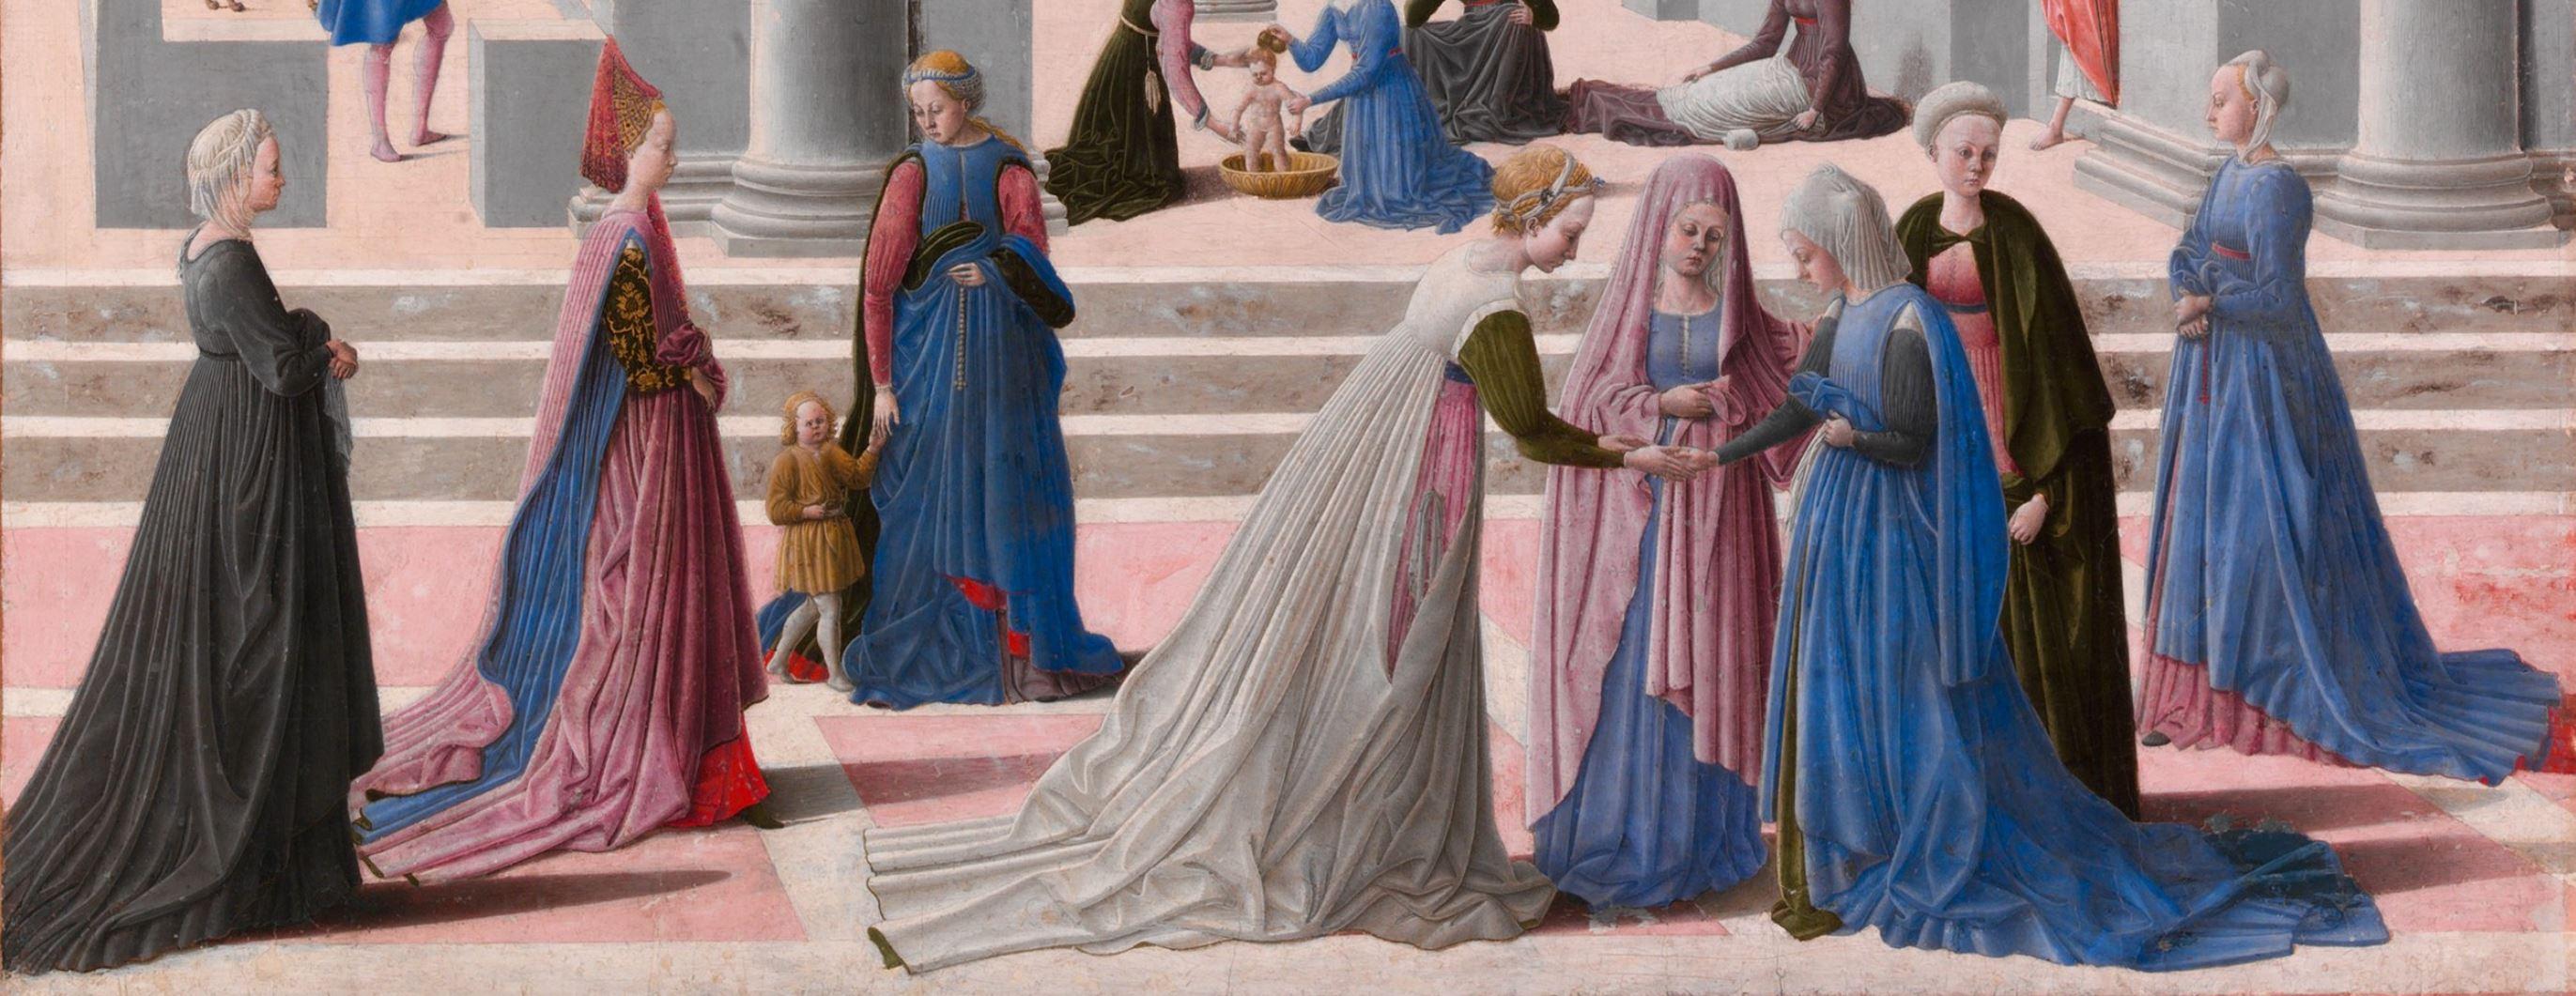 Fra Carnevale 1467 La naissance de la Vierge MET detail rue